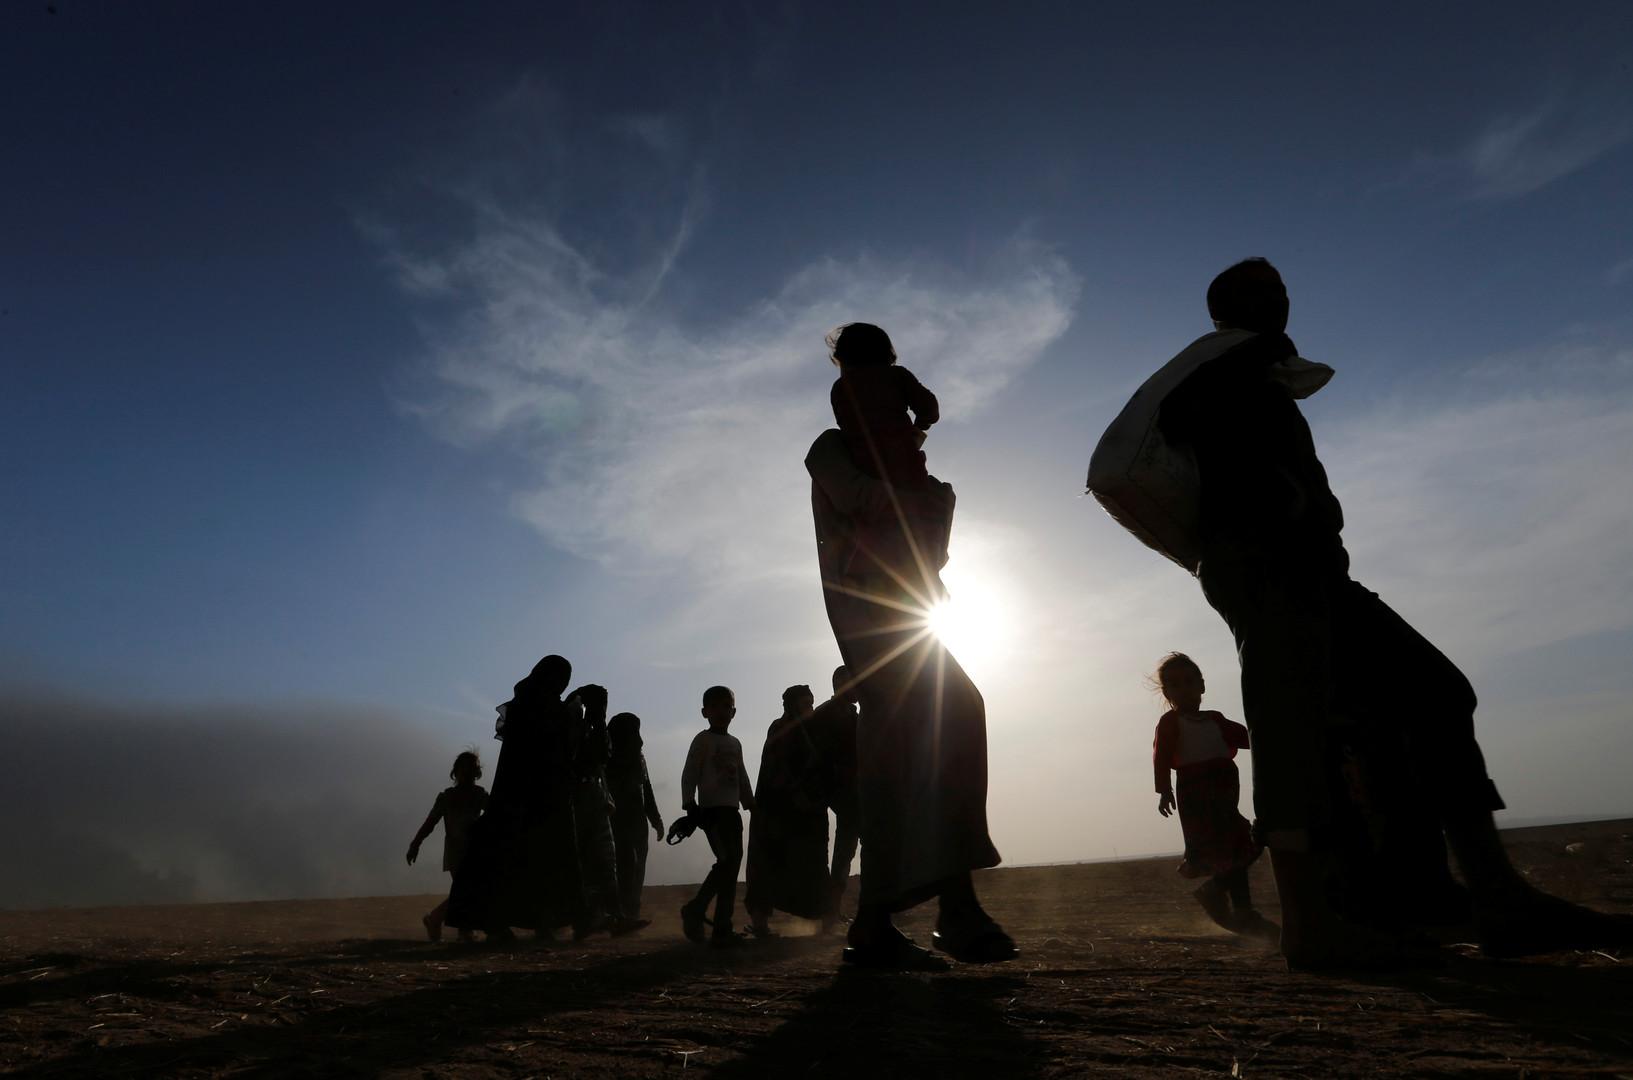 قوات البيشمركة تتحرك لاستعادة بعشيقة العراقيه من الدواعش